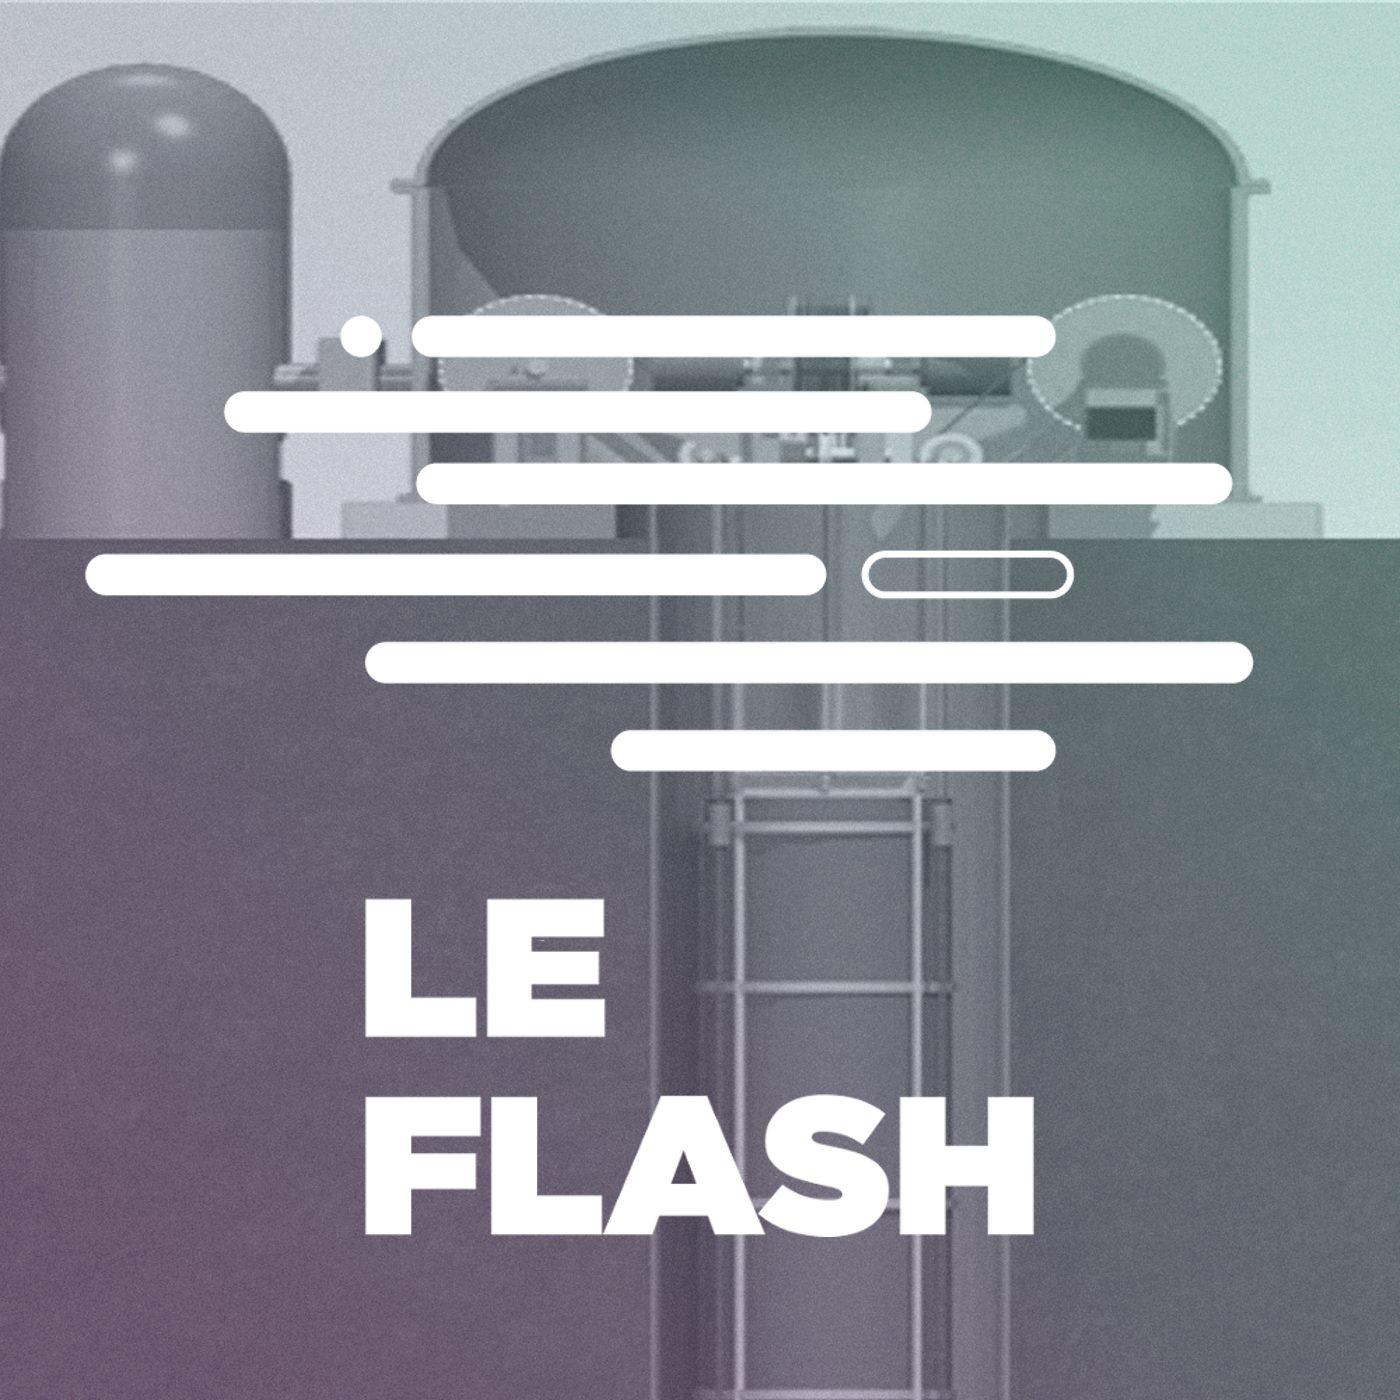 Flash - Des batteries à gravité !